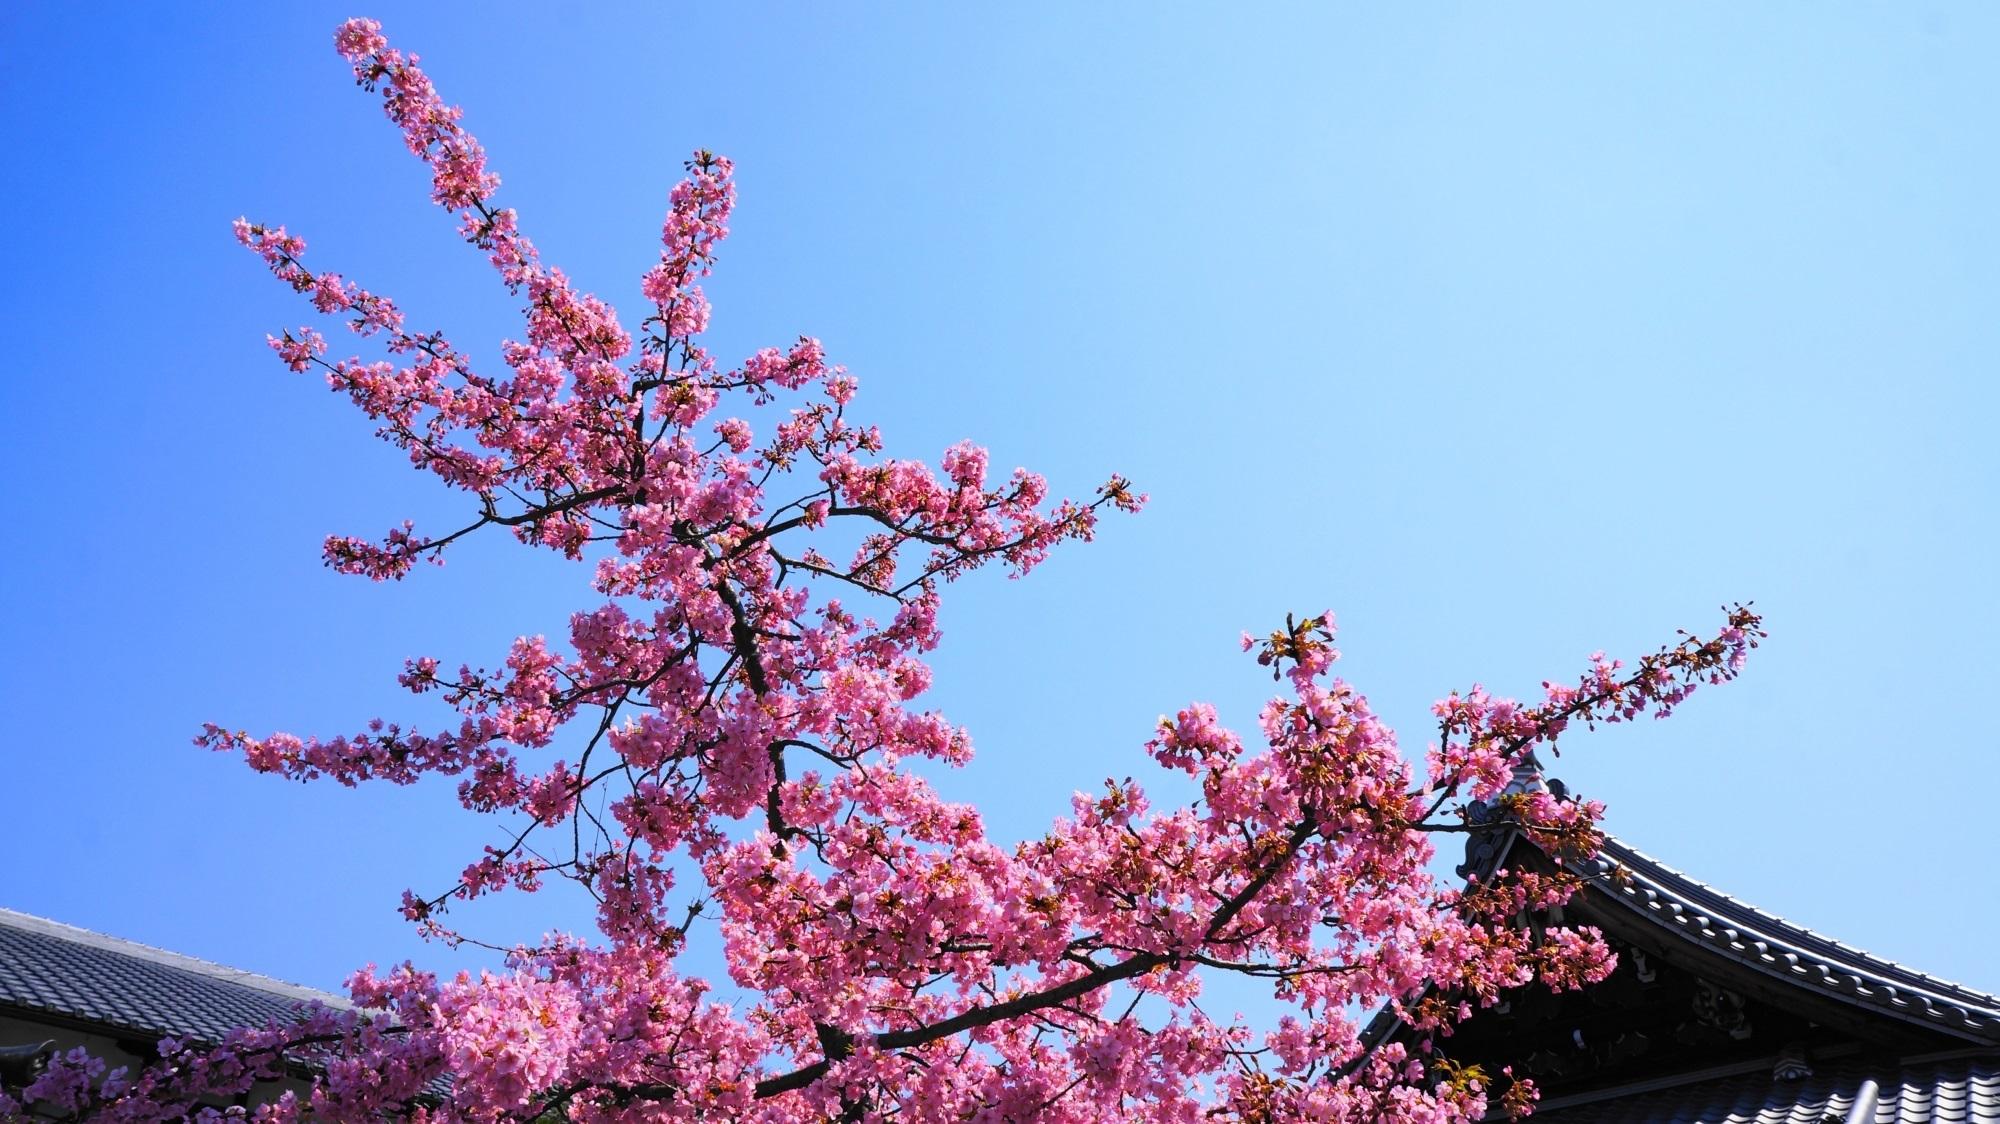 蓮光寺 河津桜 早咲きの鮮やかな桜と長曽我部盛親